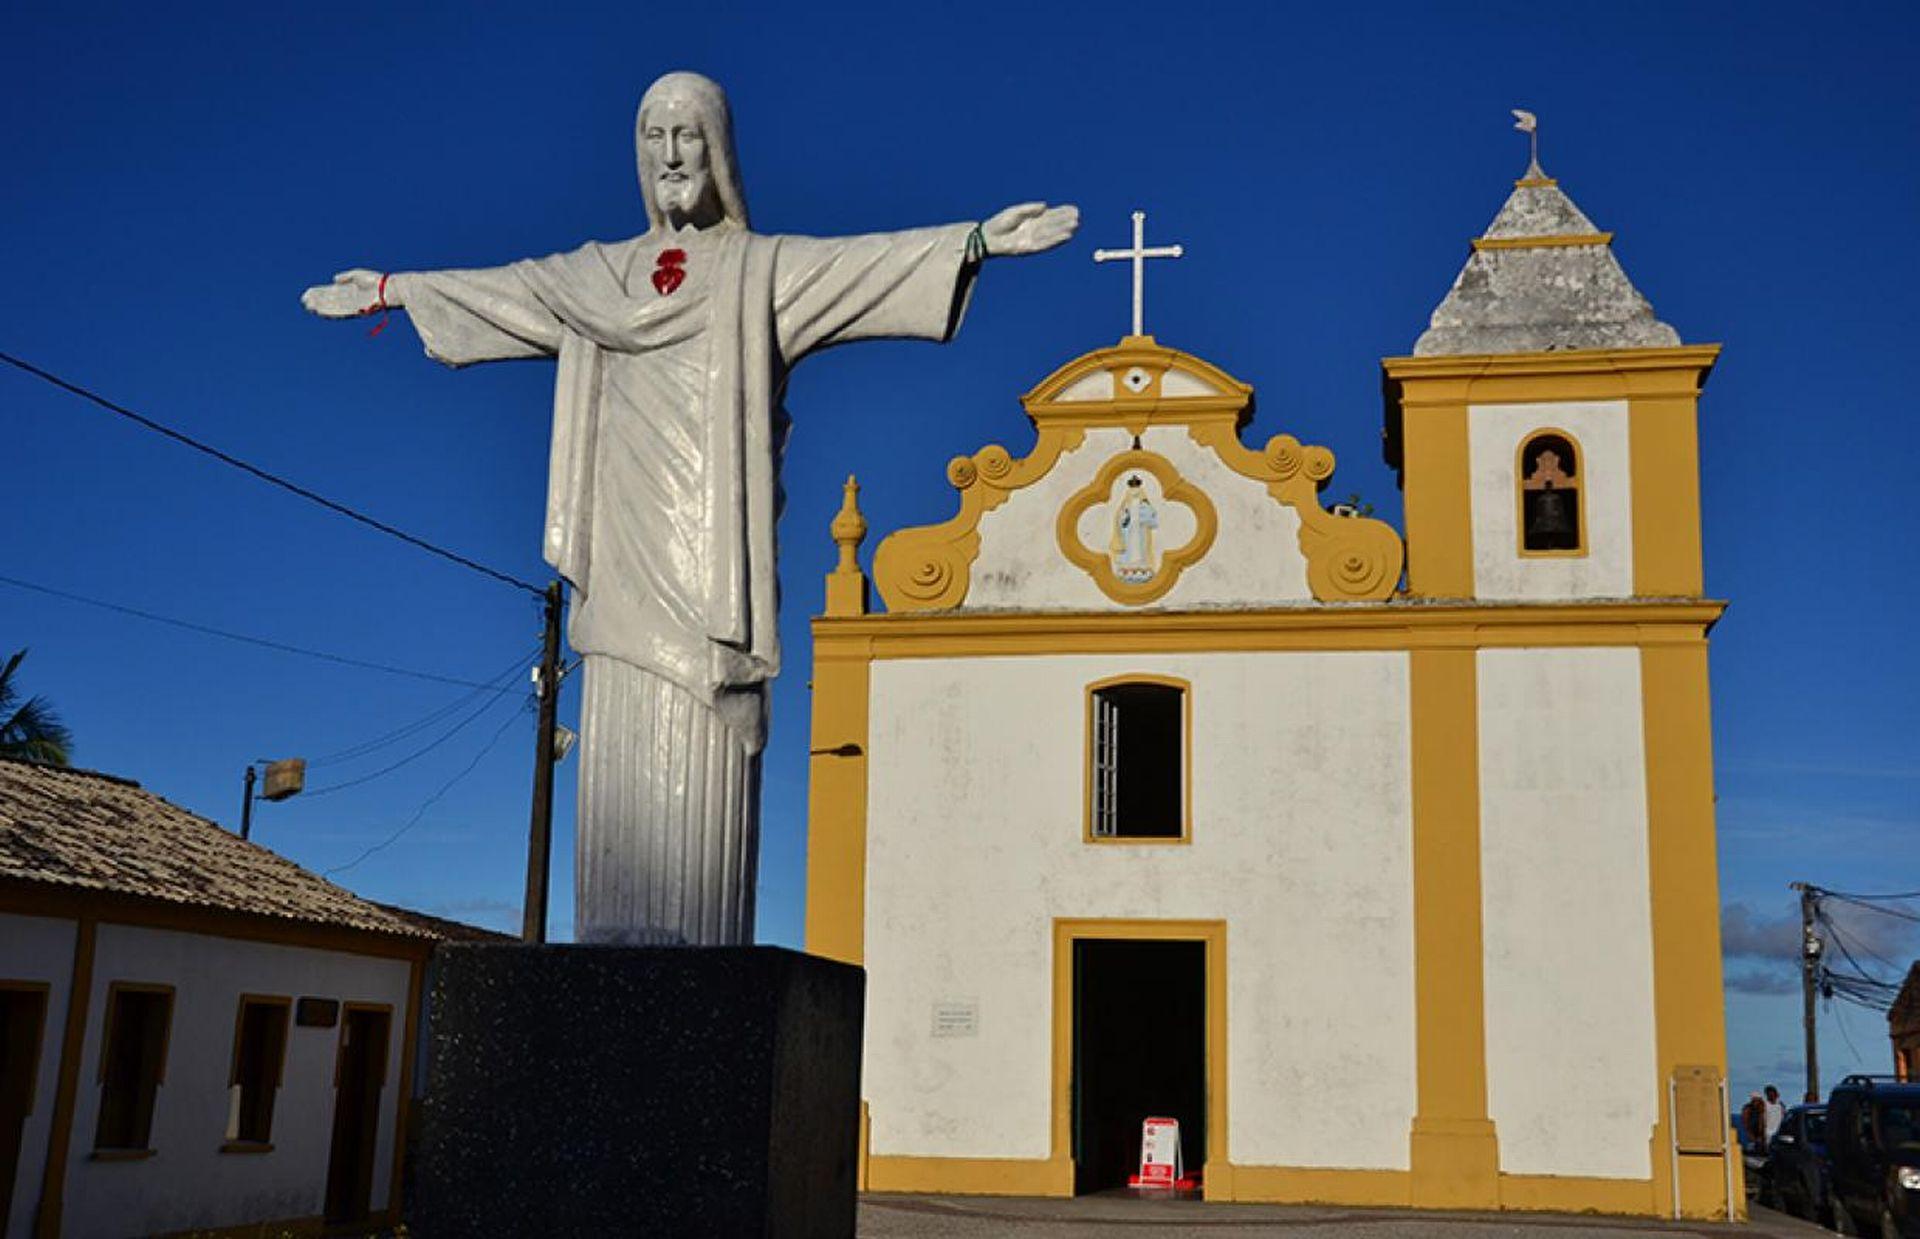 É no distrito de Arraial d'Ajuda que está o primeiro santuário do Brasil: a Igreja de Nossa Senhora d'Ajuda. Foto: divulgação.